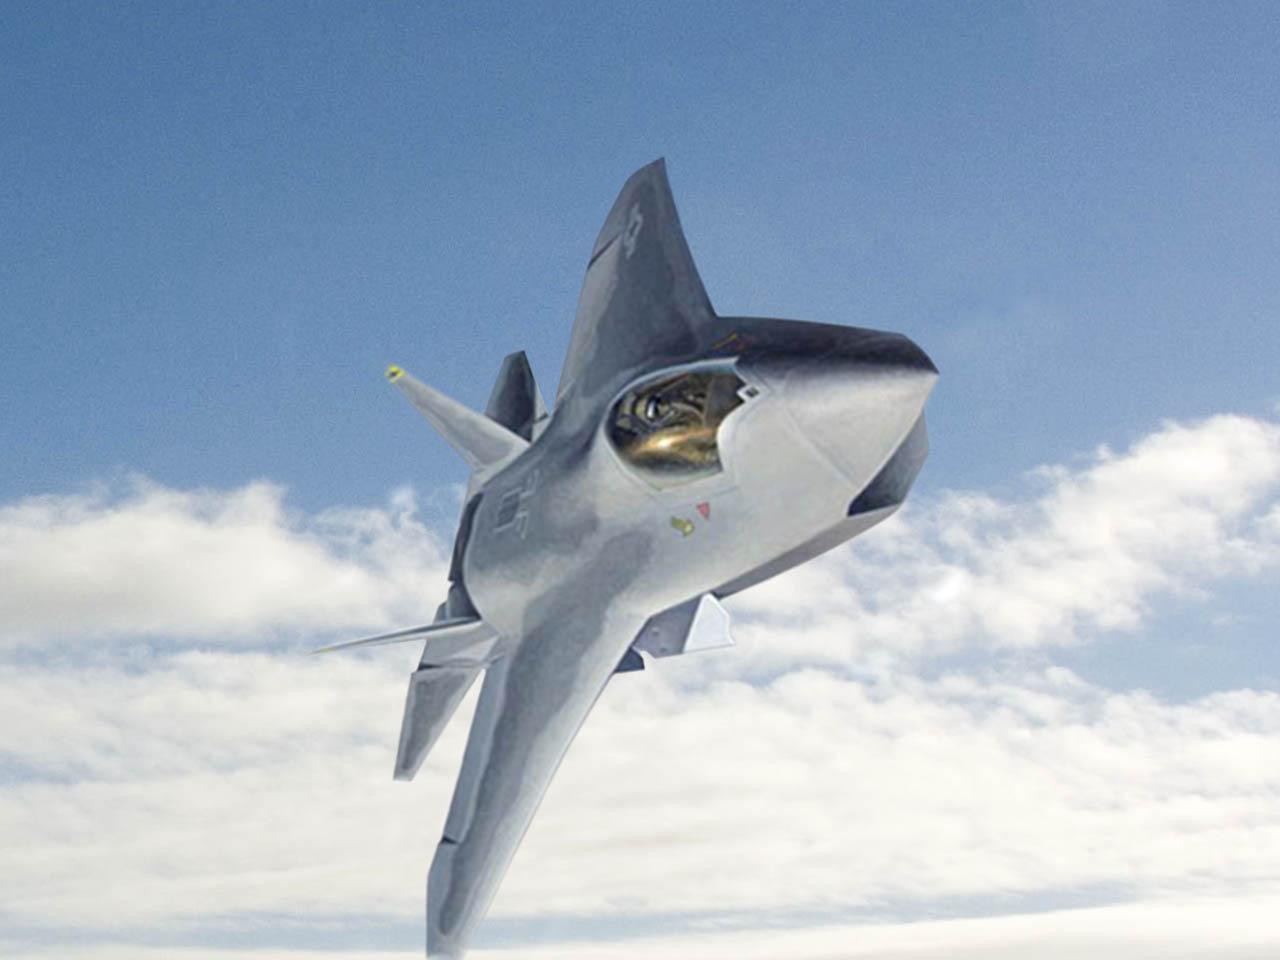 Fighter Jet: Boeing X-32